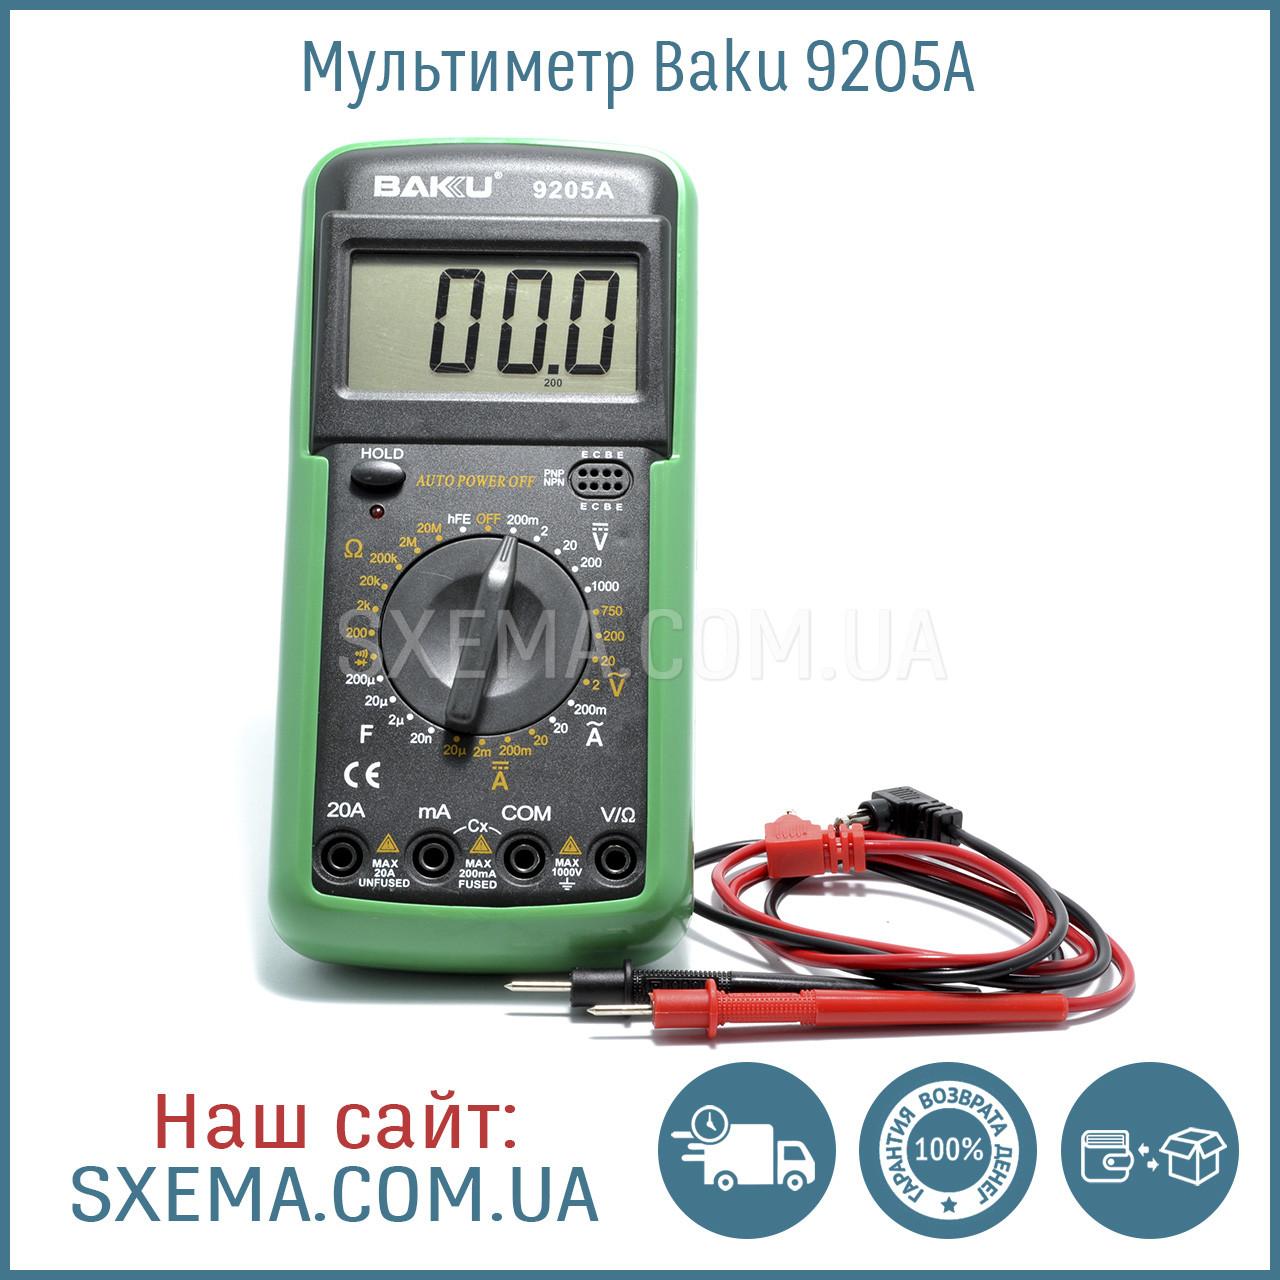 Мультиметр Baku BK-9205A с измерением конденсаторов, напряжения, силы тока